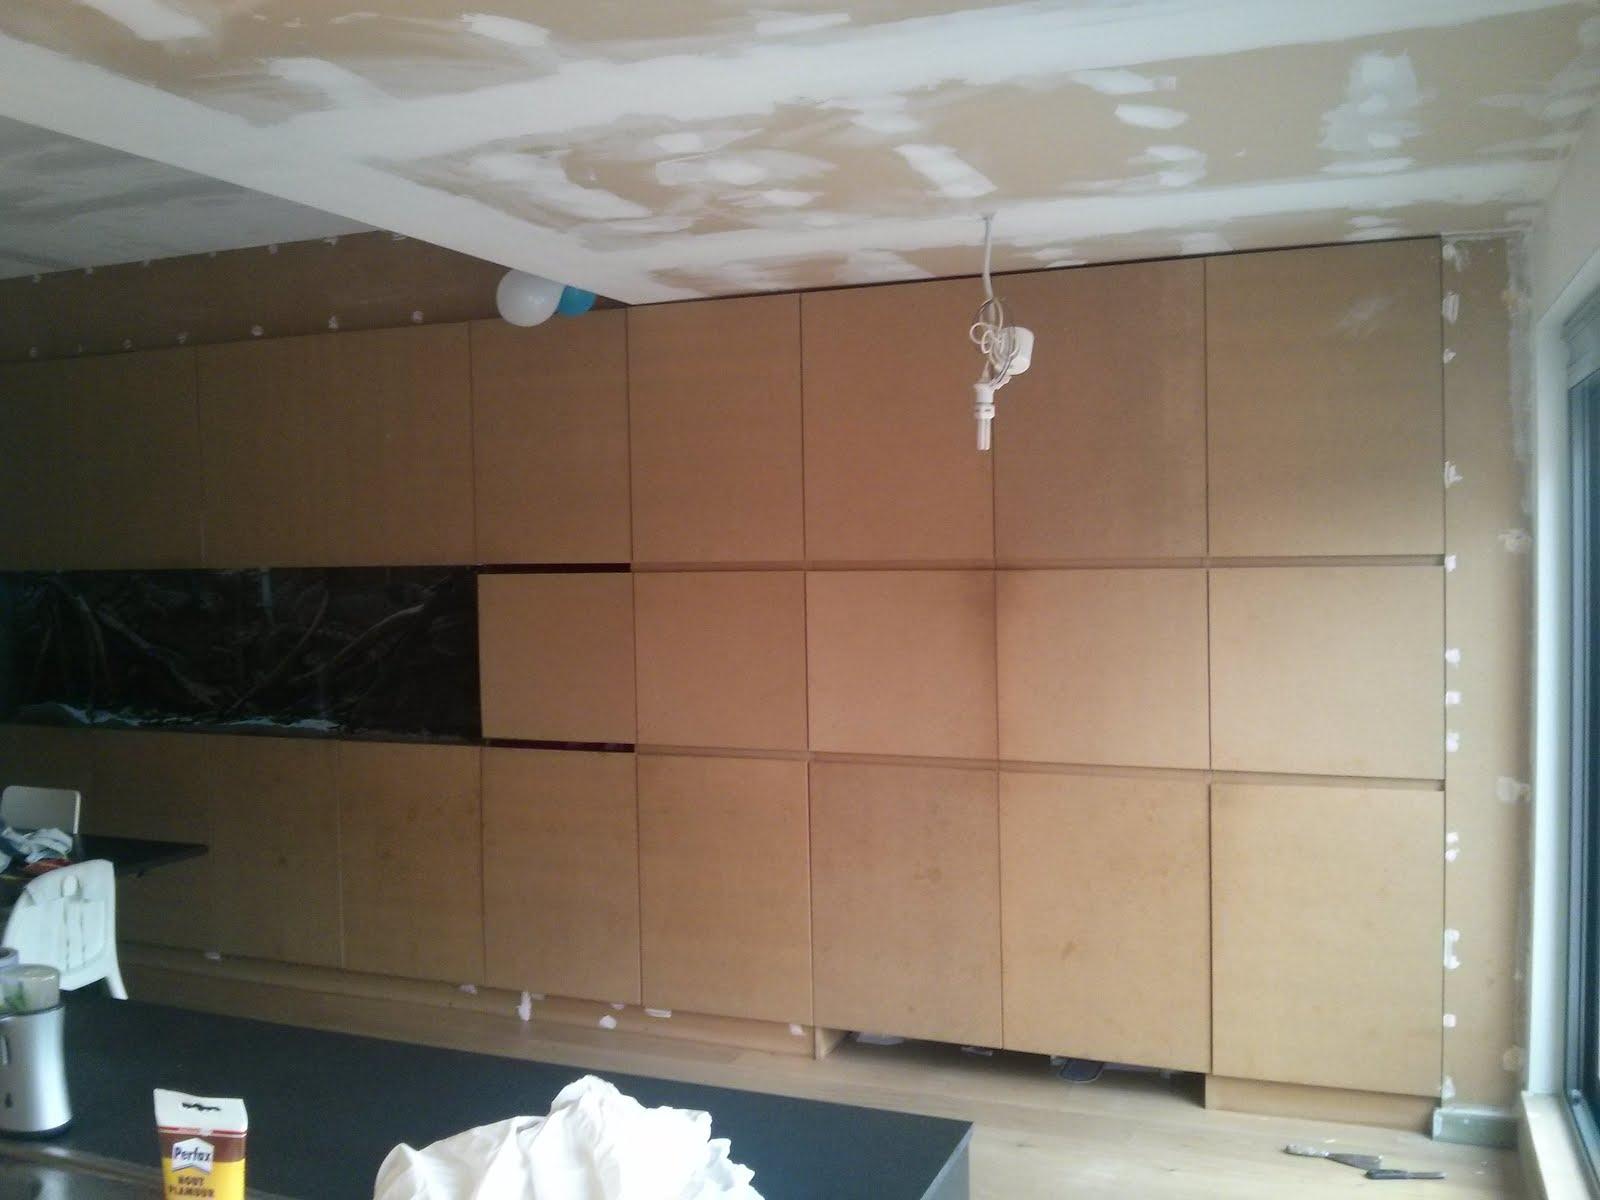 keuken tegels schilderen : Ons Huisje Woonruimte En Keuken Geschilderd